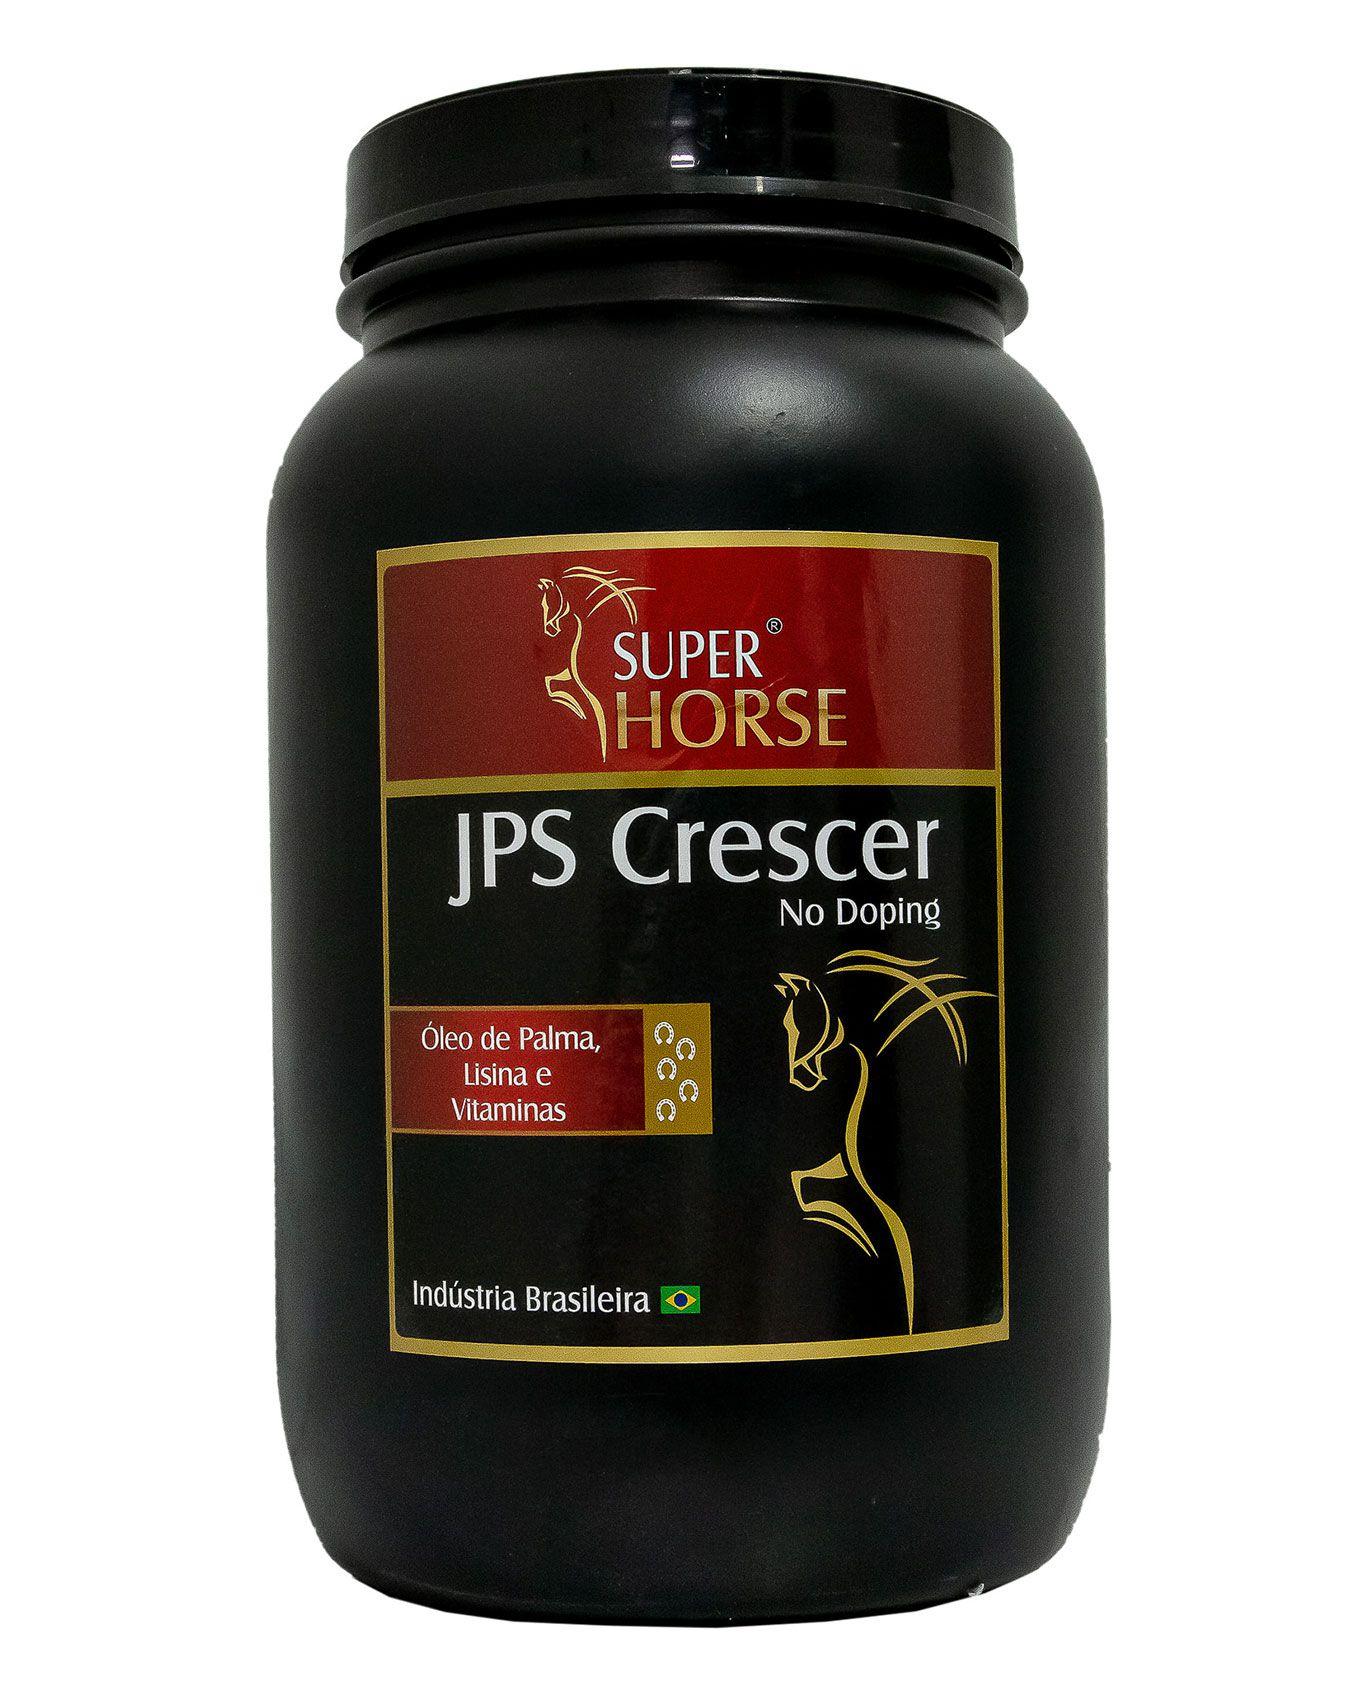 Super Horse JPS Crescer,  6 kg rende em até 240 dias.